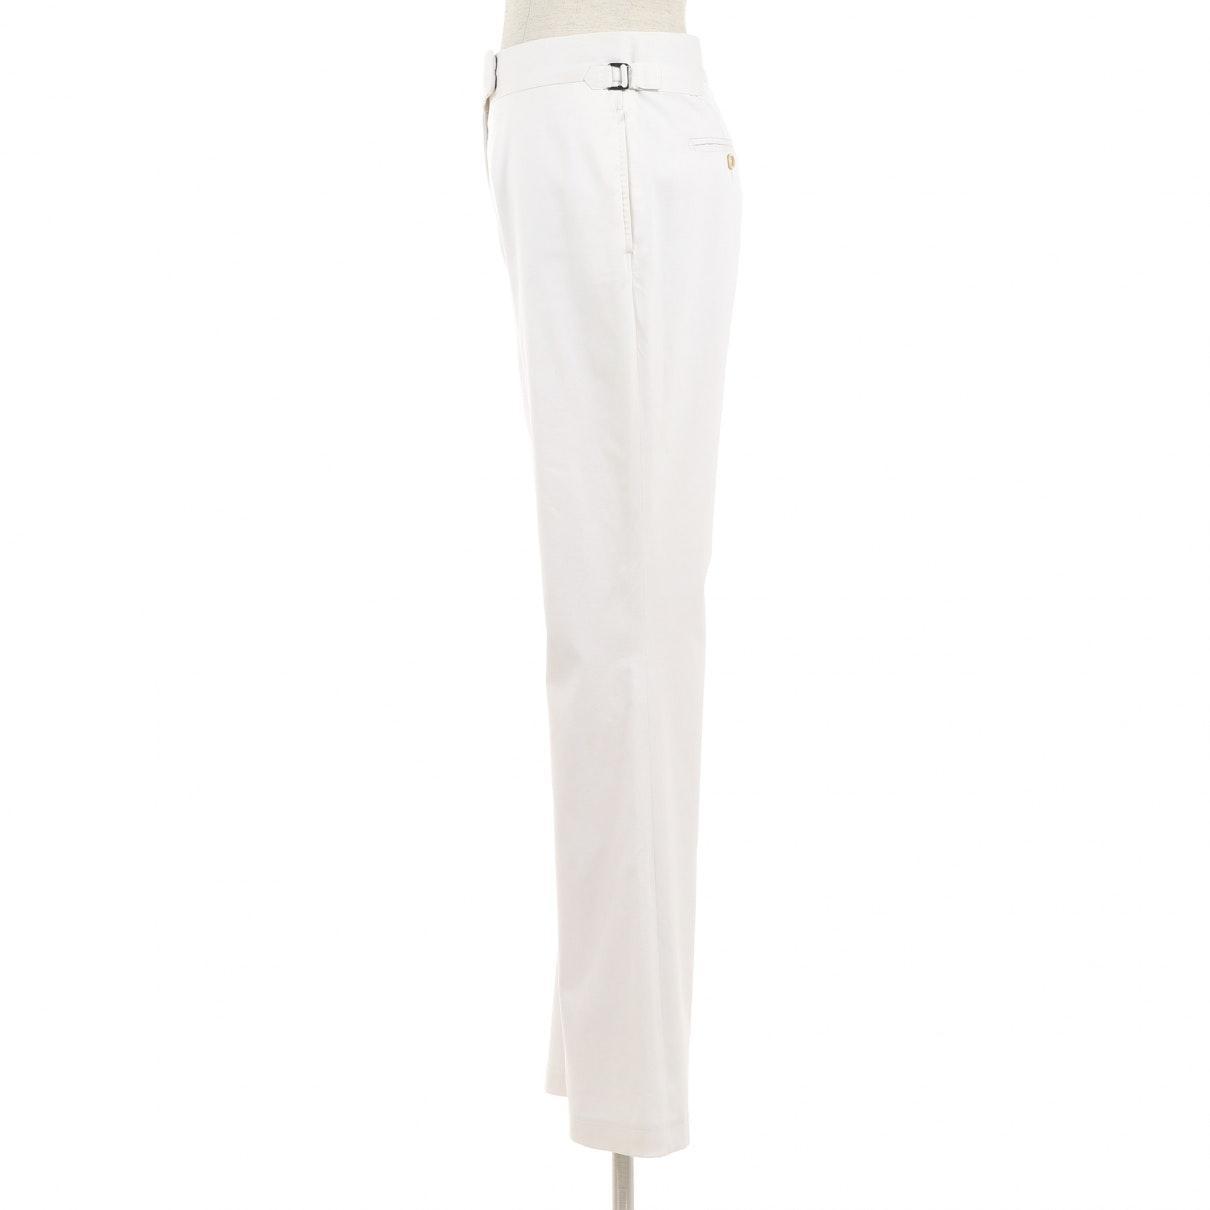 Pantalones en algodón blanco Tom Ford de Algodón de color Blanco